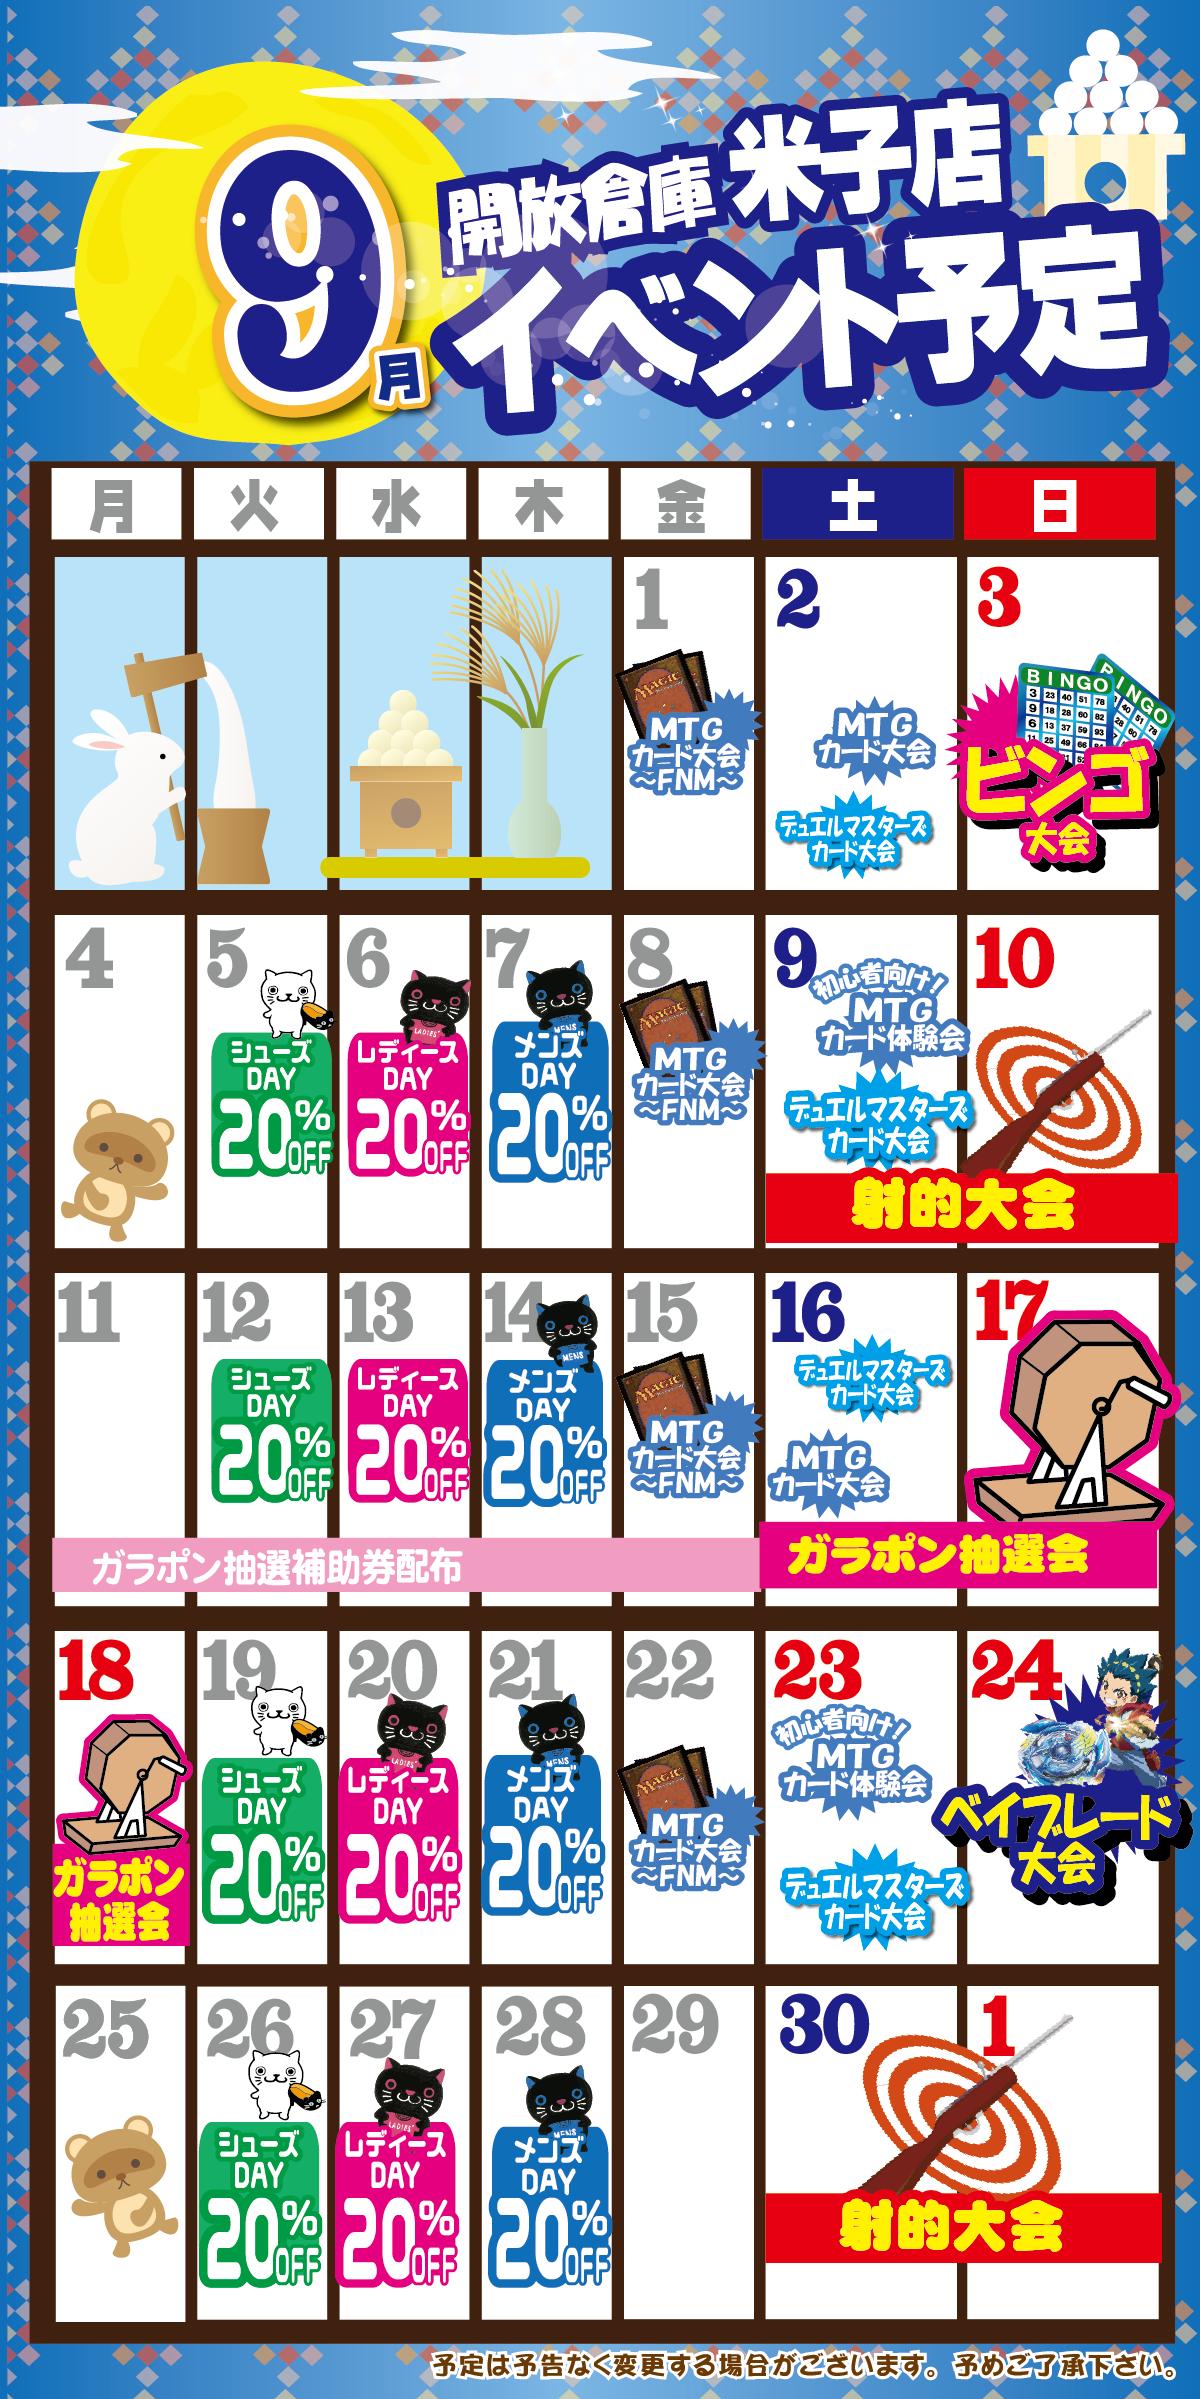 「開放倉庫米子店」2017年9月のイベント情報を更新しました!